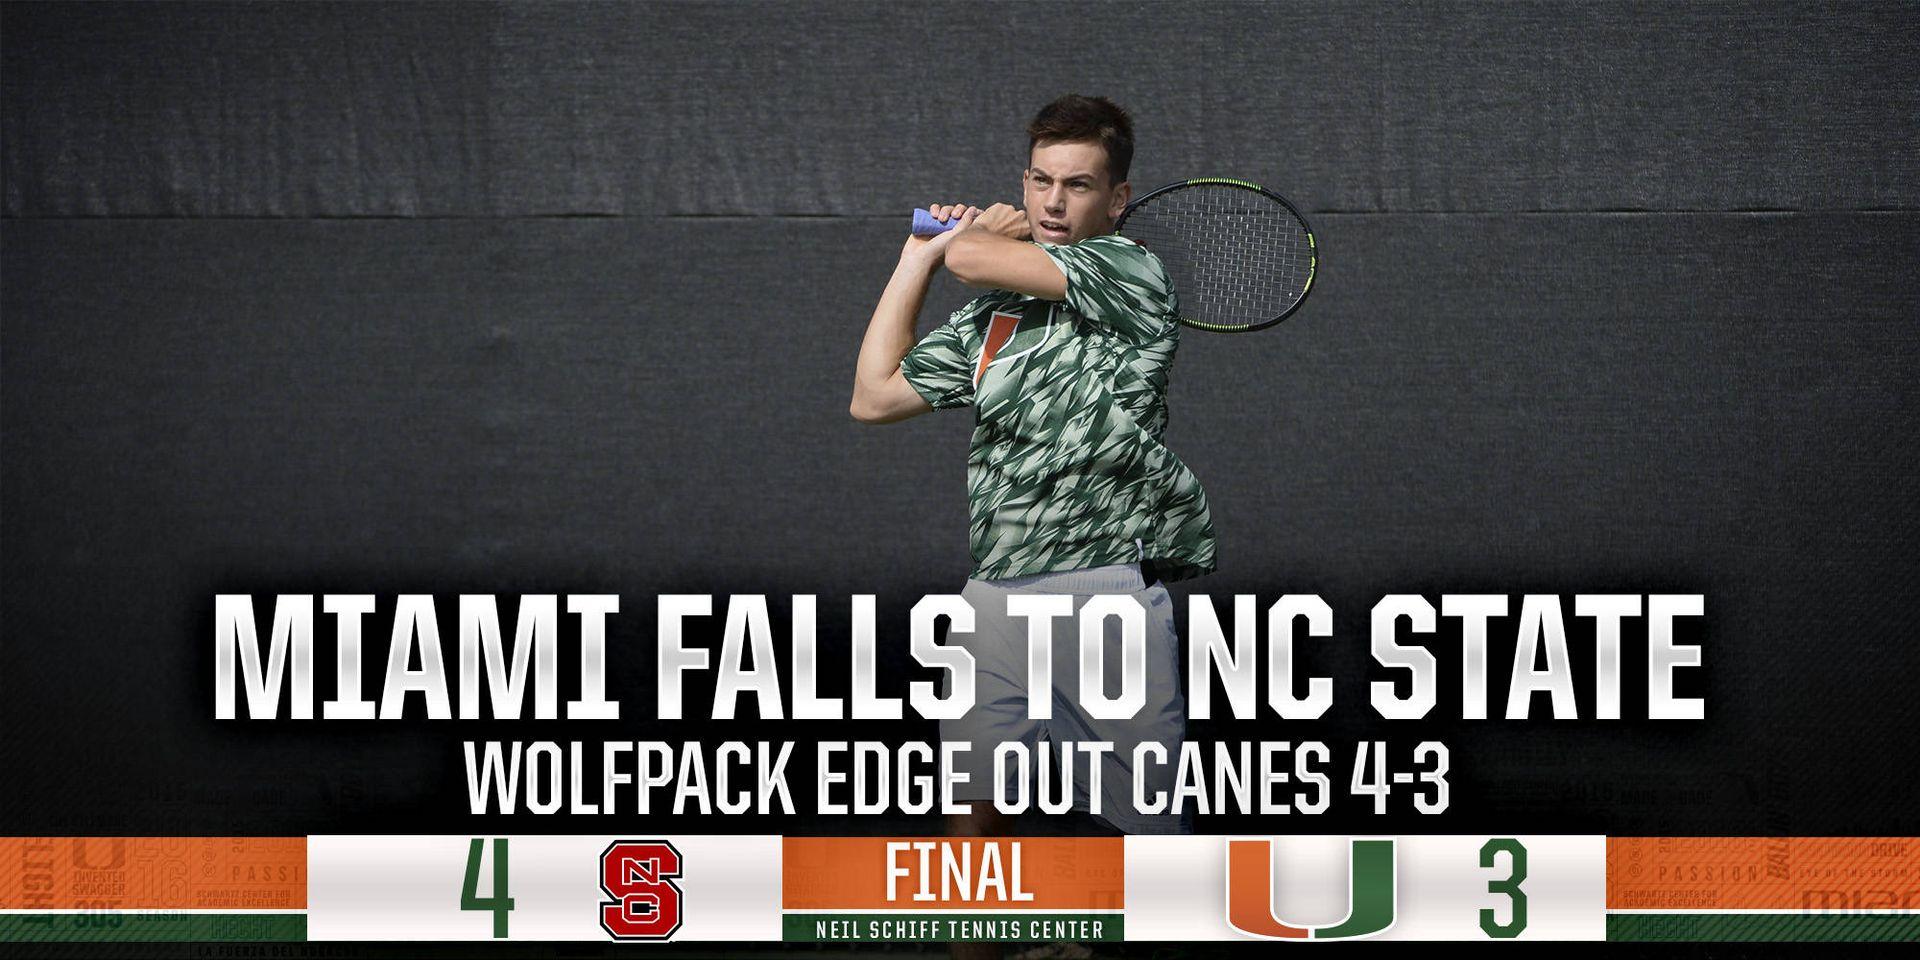 No. 75 Miami falls to No. 41 NC State